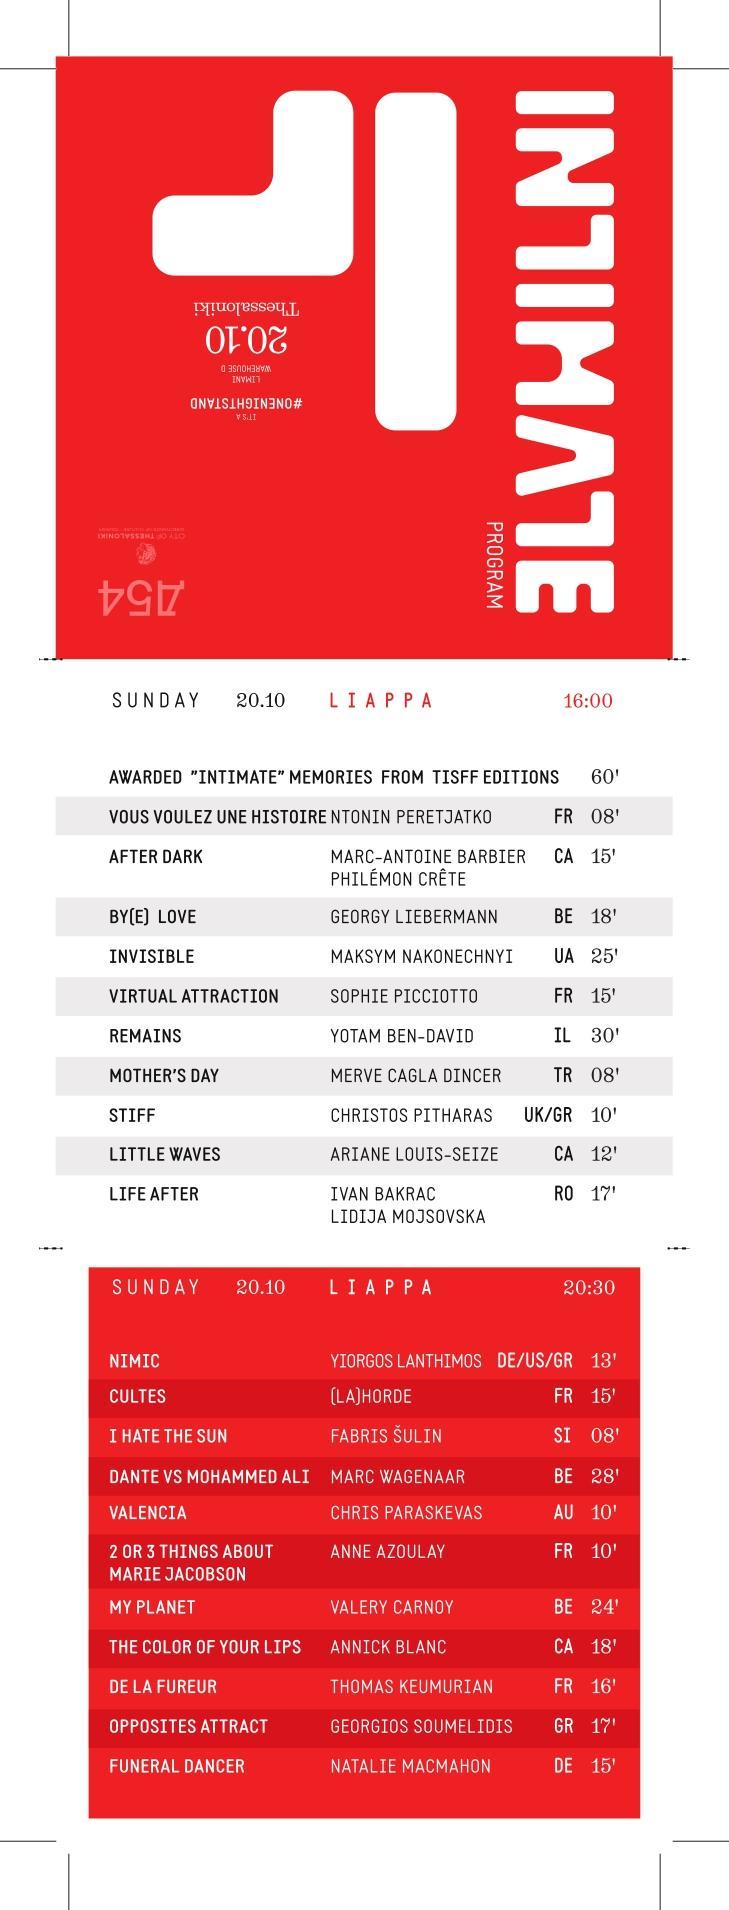 TiSFF & Intimate Festival: Δες το αναλυτικό πρόγραμμα του τετραημέρου εδώ